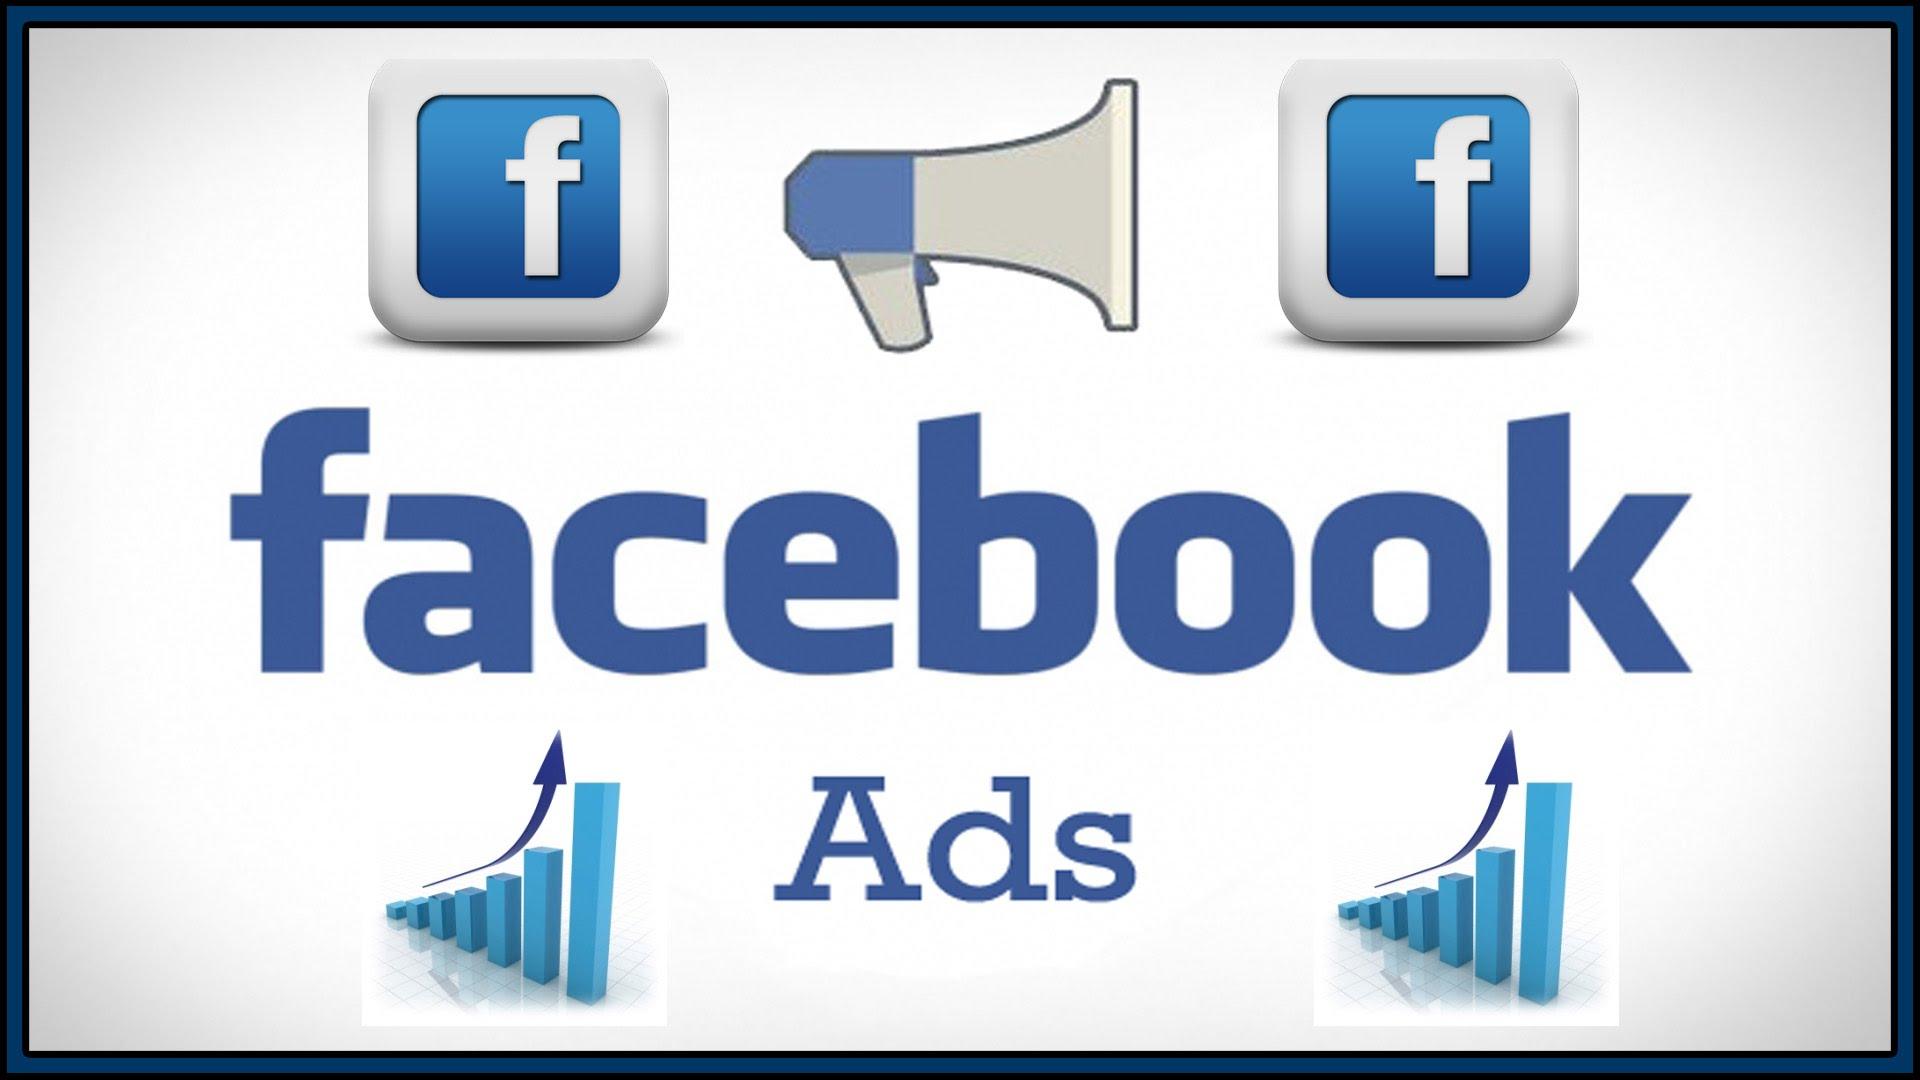 Facebook Ads là gì? Cách chạy Facebook Ads hiệu quả | TopOnSeek